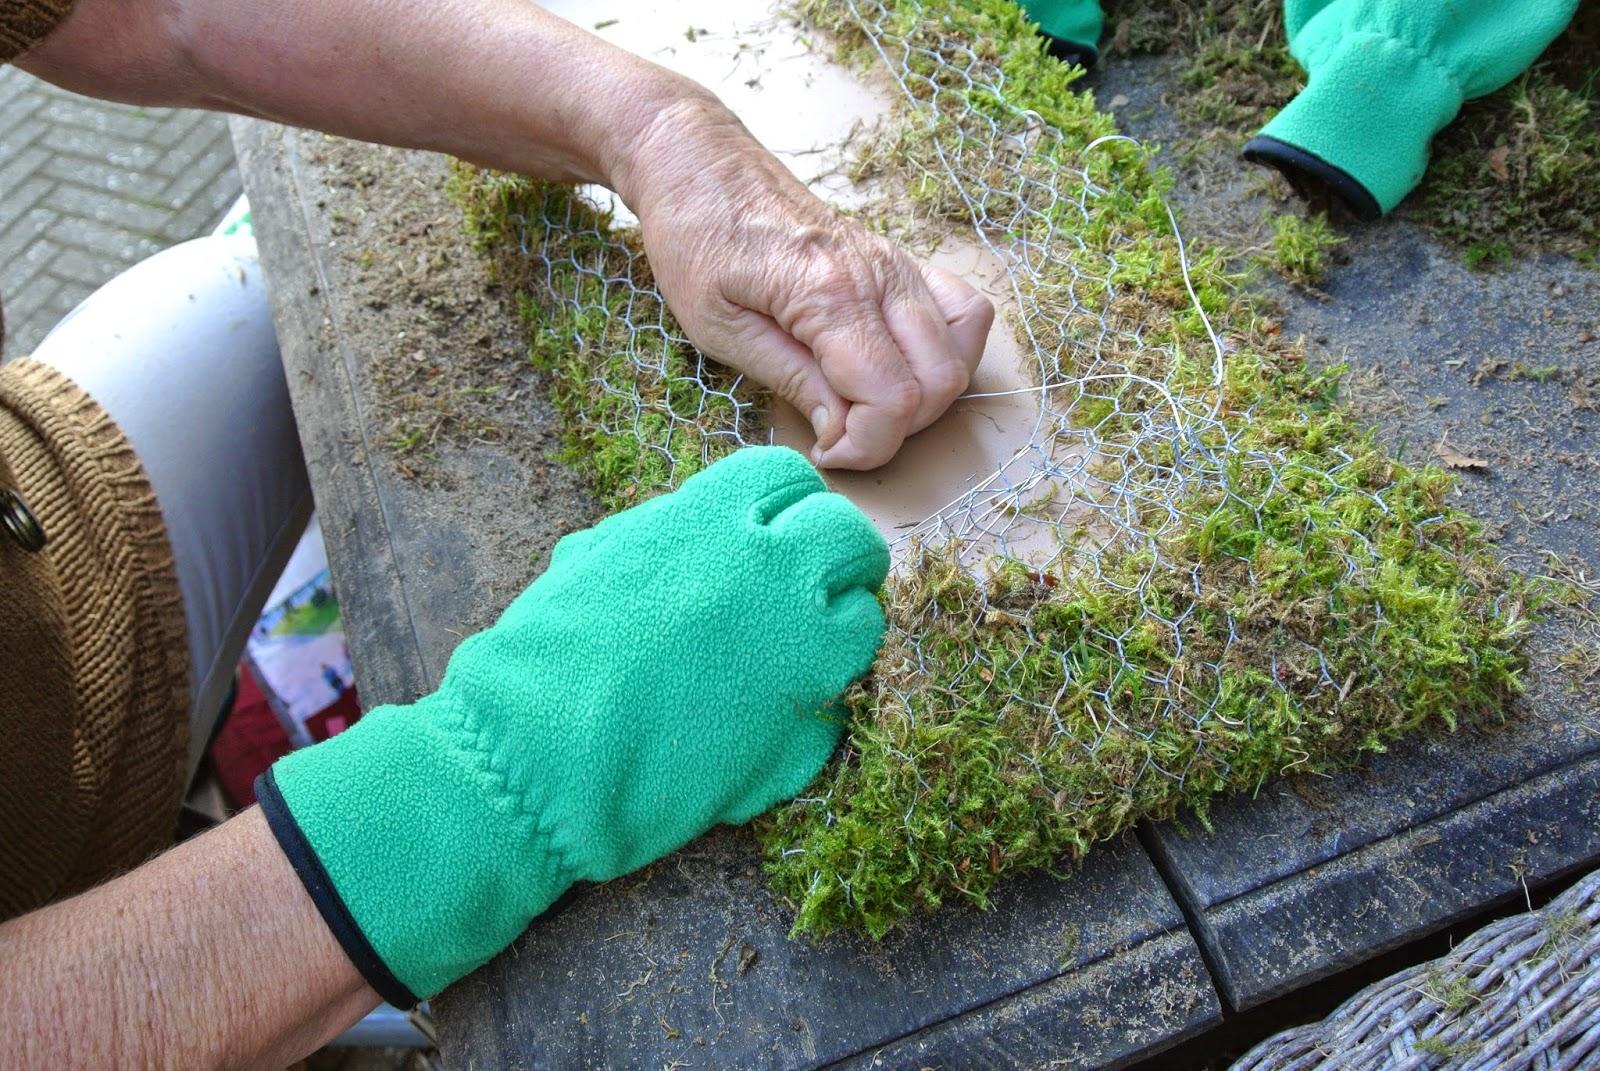 M i j m e r i n g e n mijmering 150 tuindecoratie van gaas en mos en consumindergebakjes - Voorbeeld van tuindecoratie ...